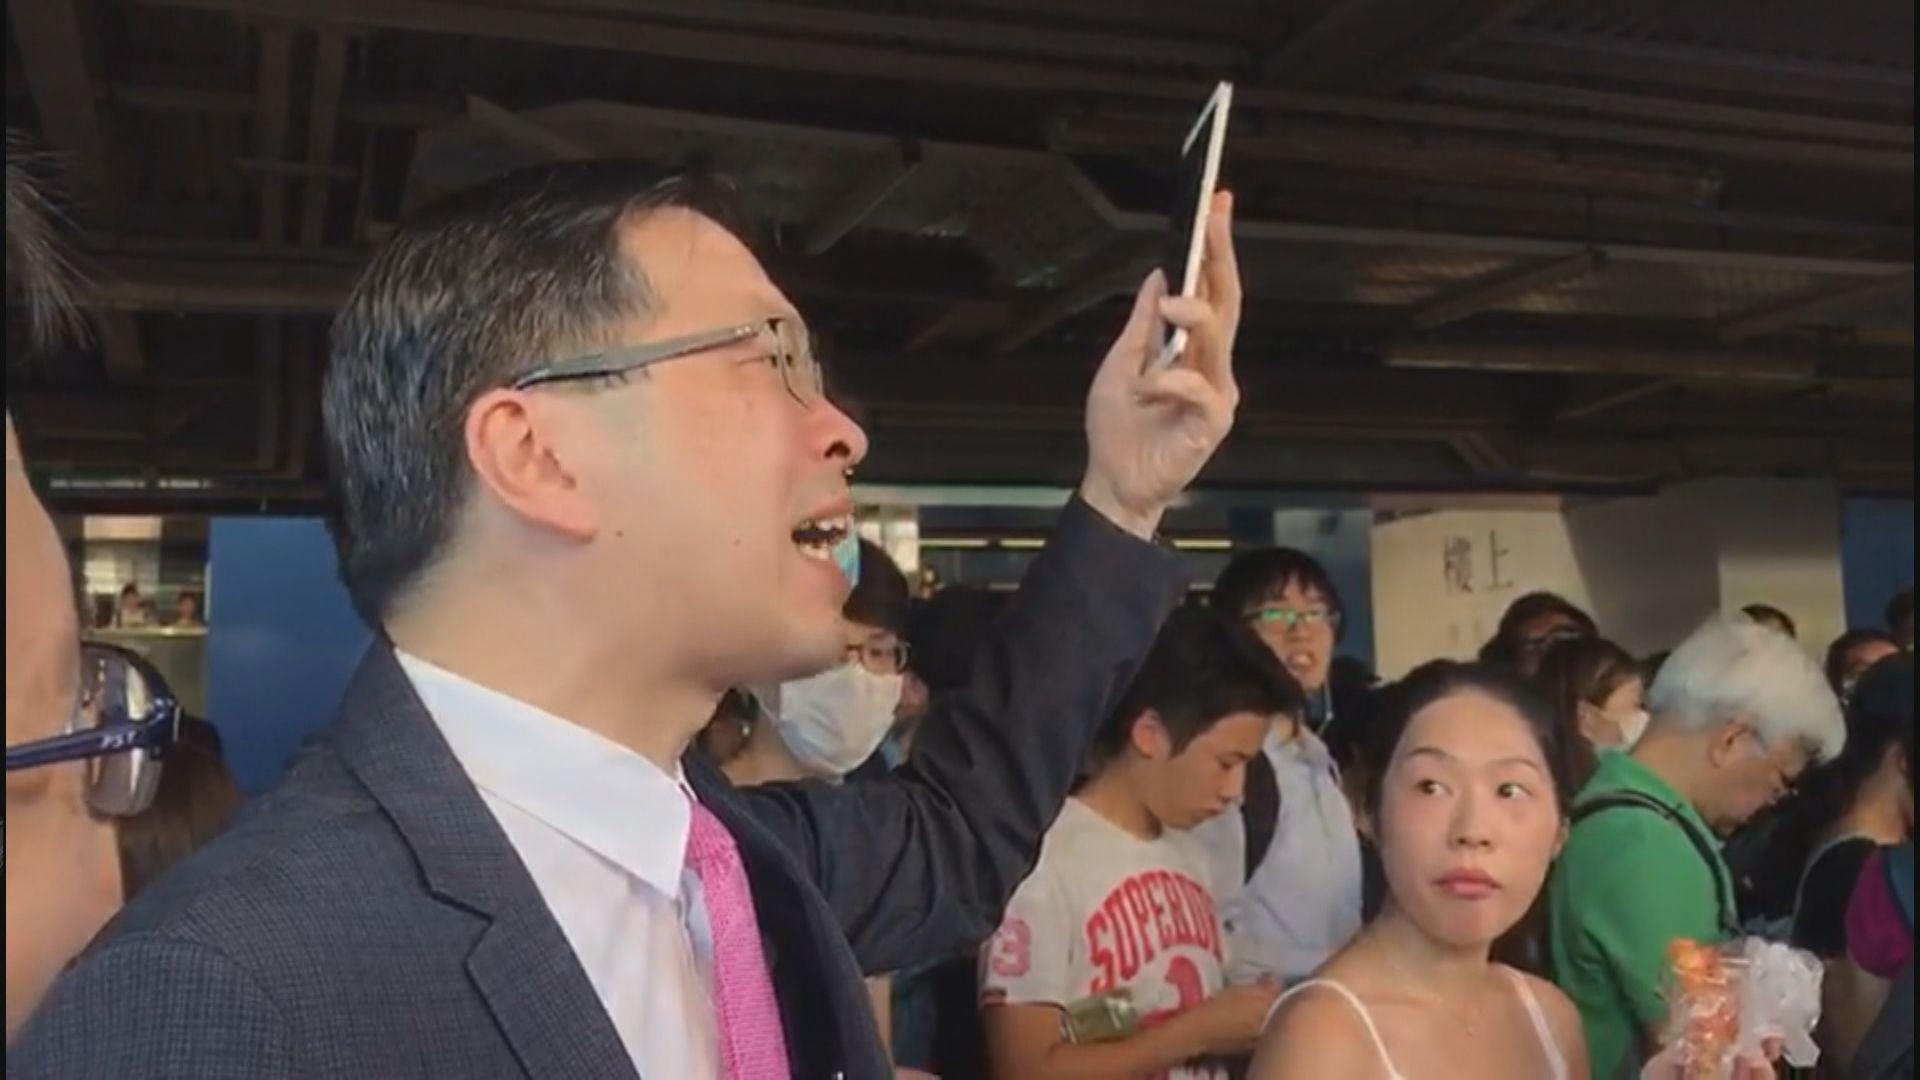 【港鐵不合作運動】有市民則不滿社會政治化